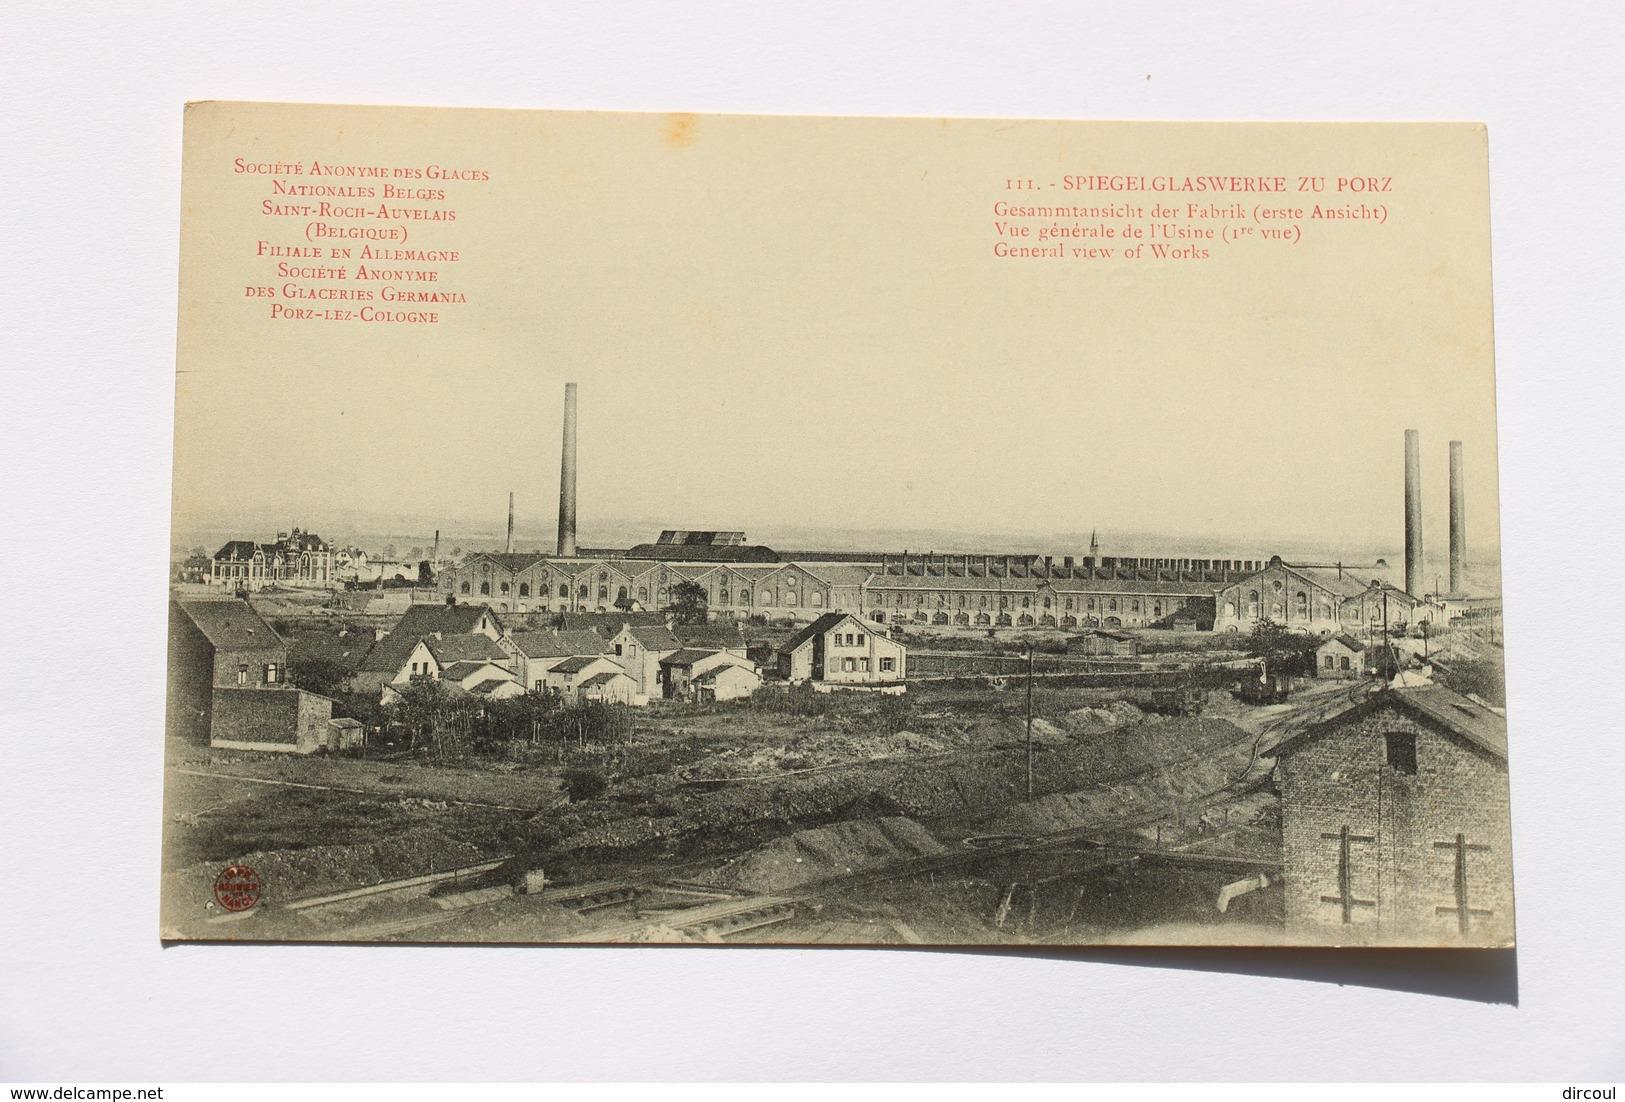 36766 - Porz-lez-Cologne Vue  Générale De L'usine Filiale En  Allemagne  De  Saint-Roch   Auvelais - Koeln